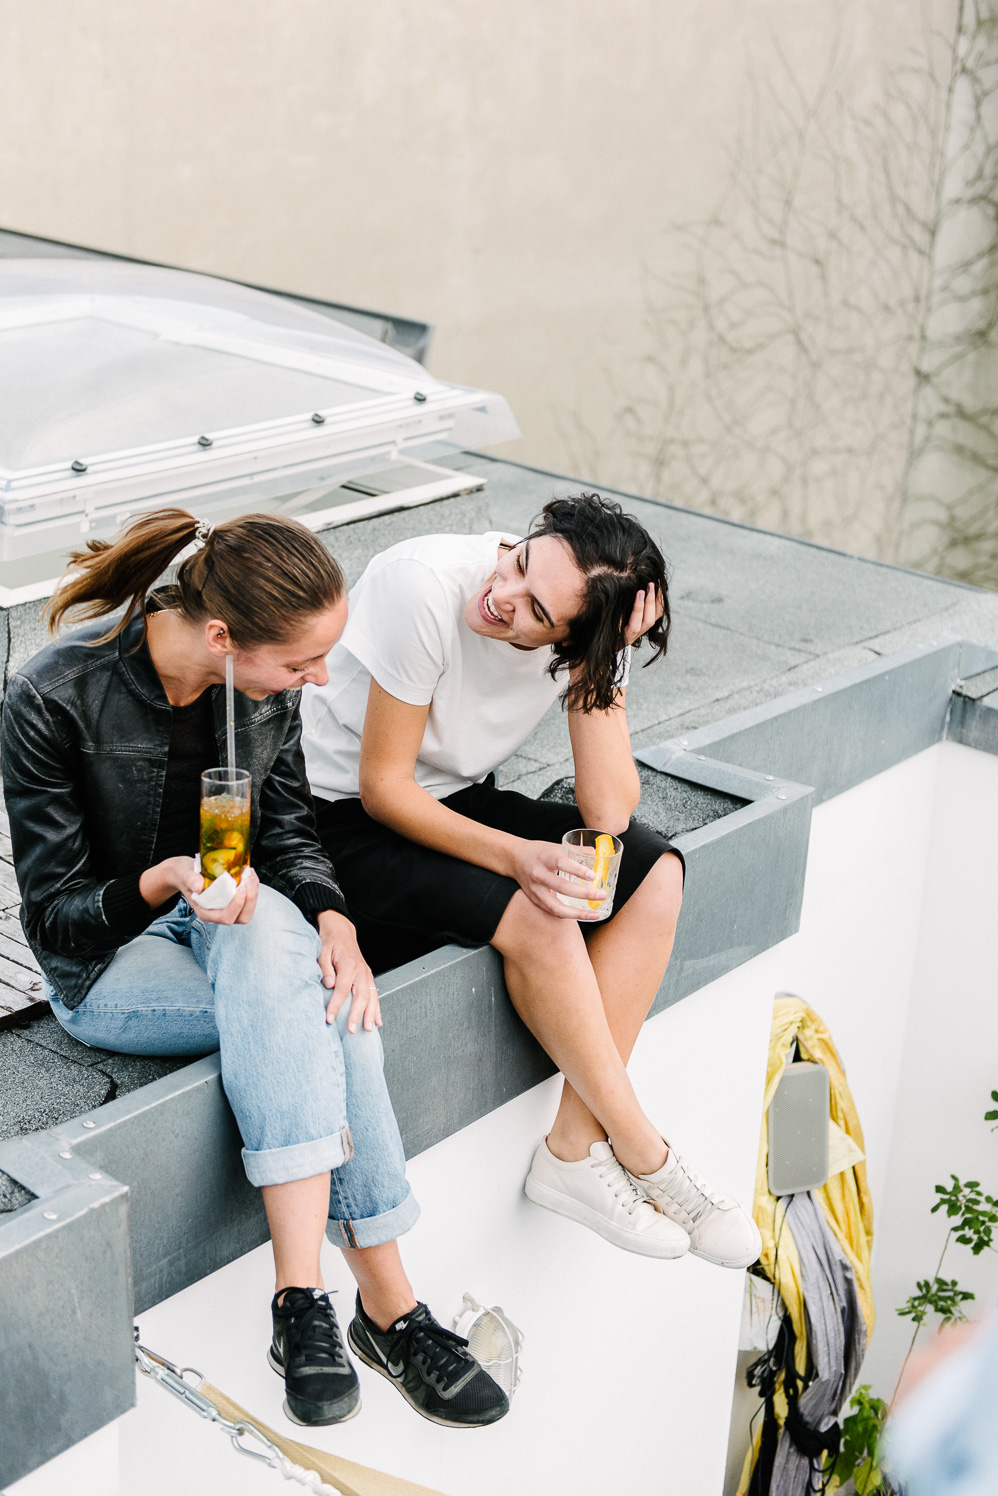 Freunde-von-Freunden-FvF-Drinks-Letherbee-278.jpg